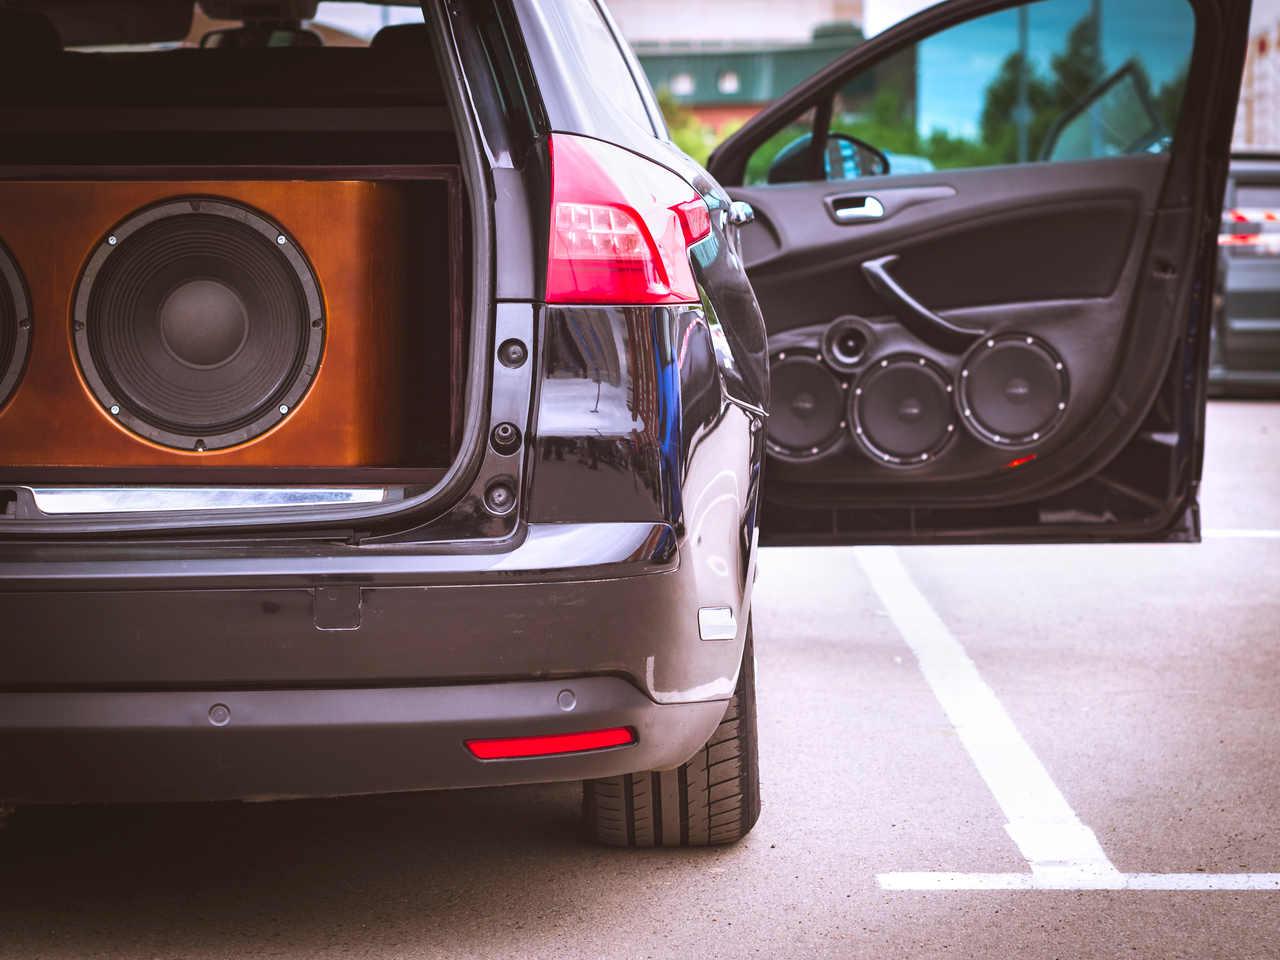 equipamento de som em carro